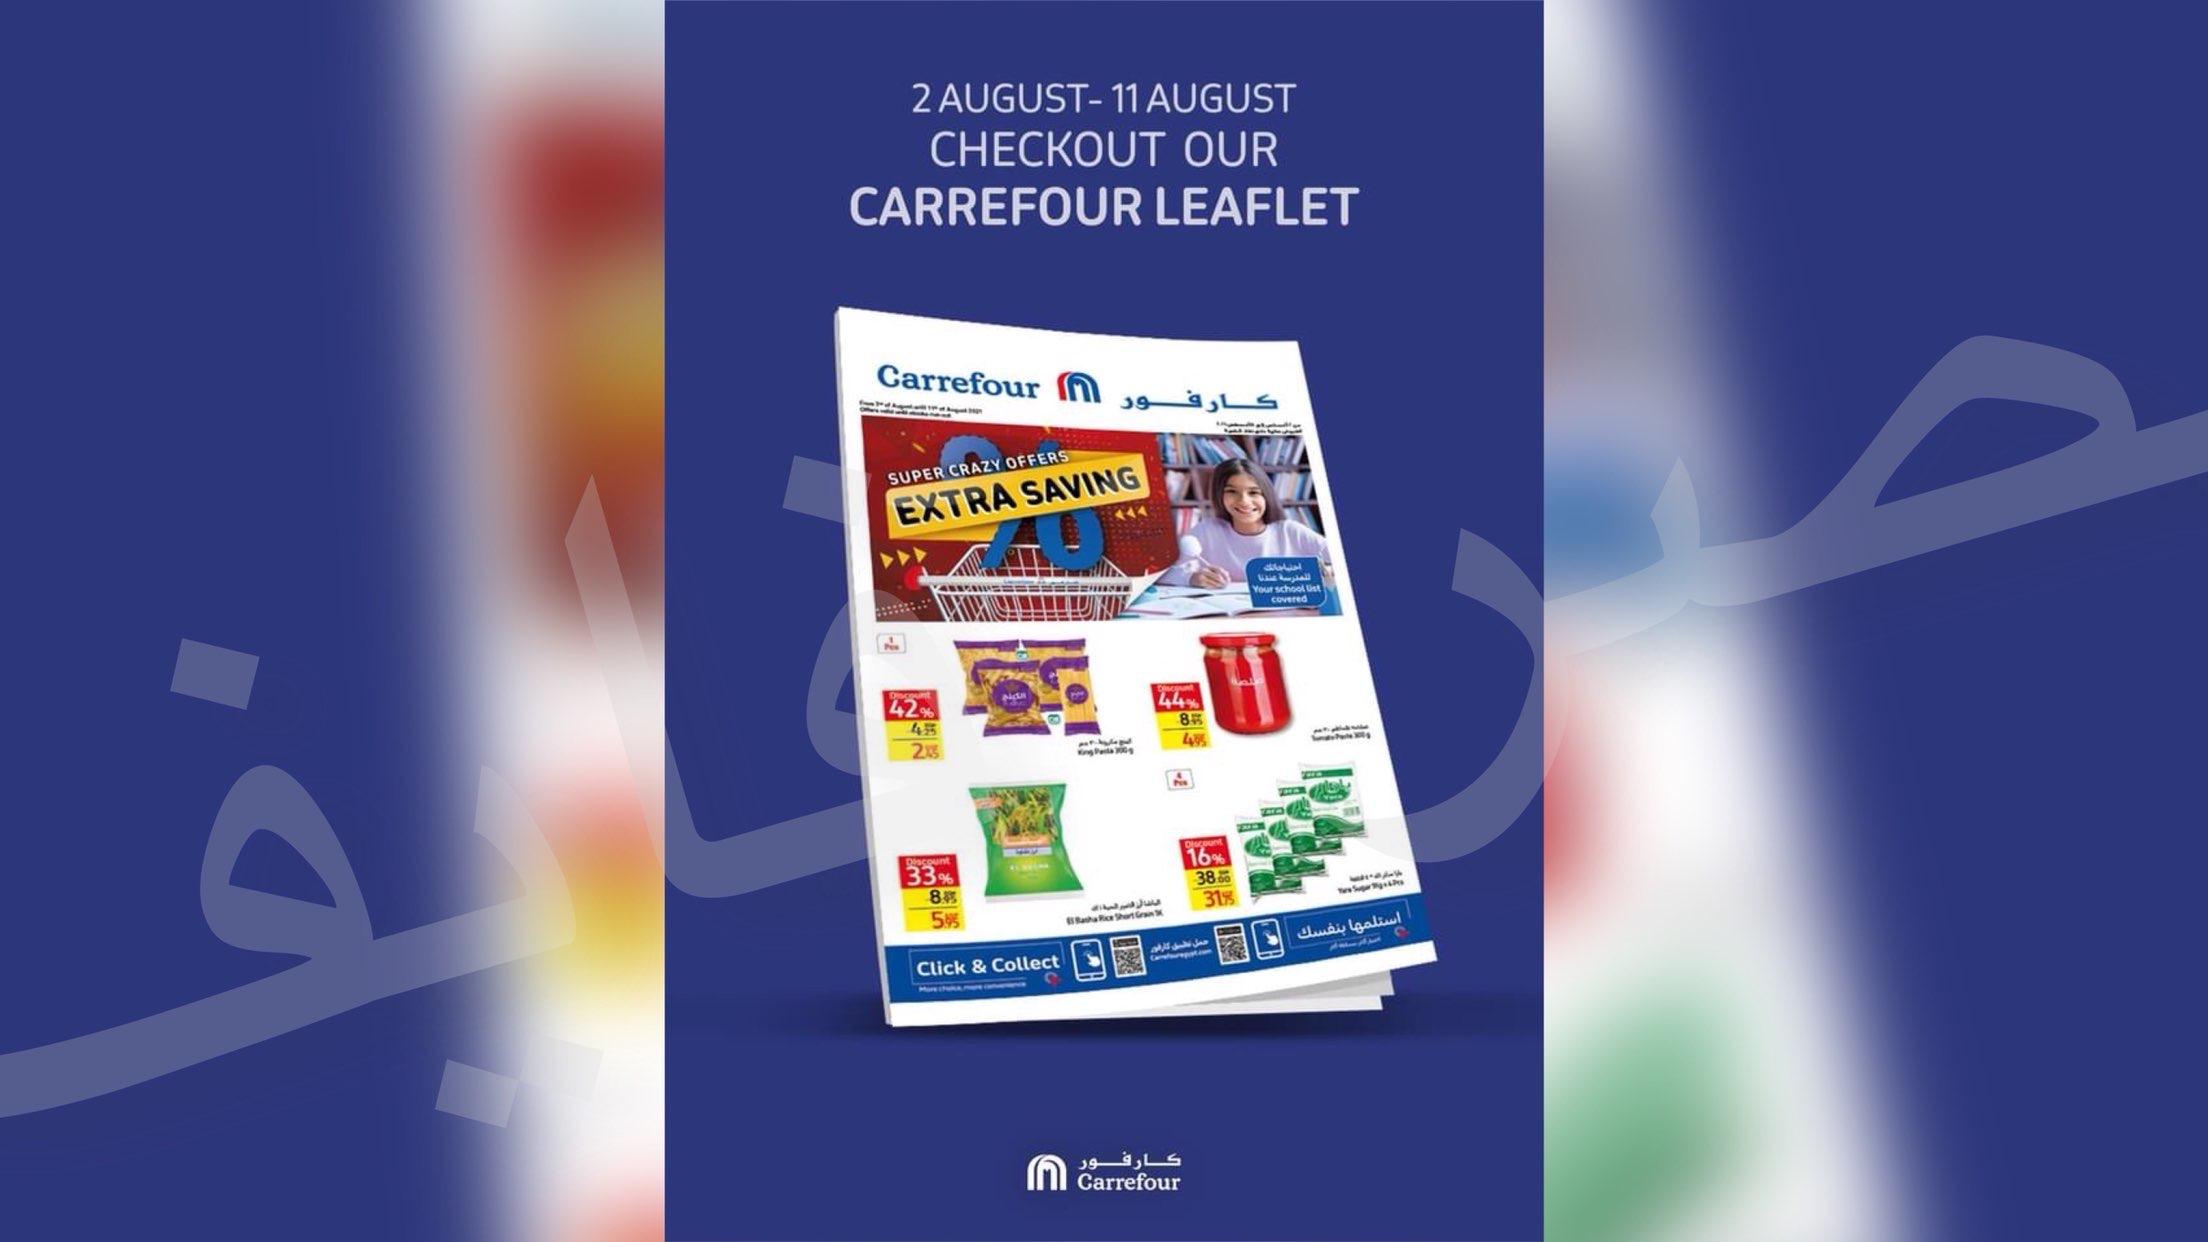 عروض كارفور 2021 الصيفية حتي 11/8 الجاري في جميع افرع Carrefour